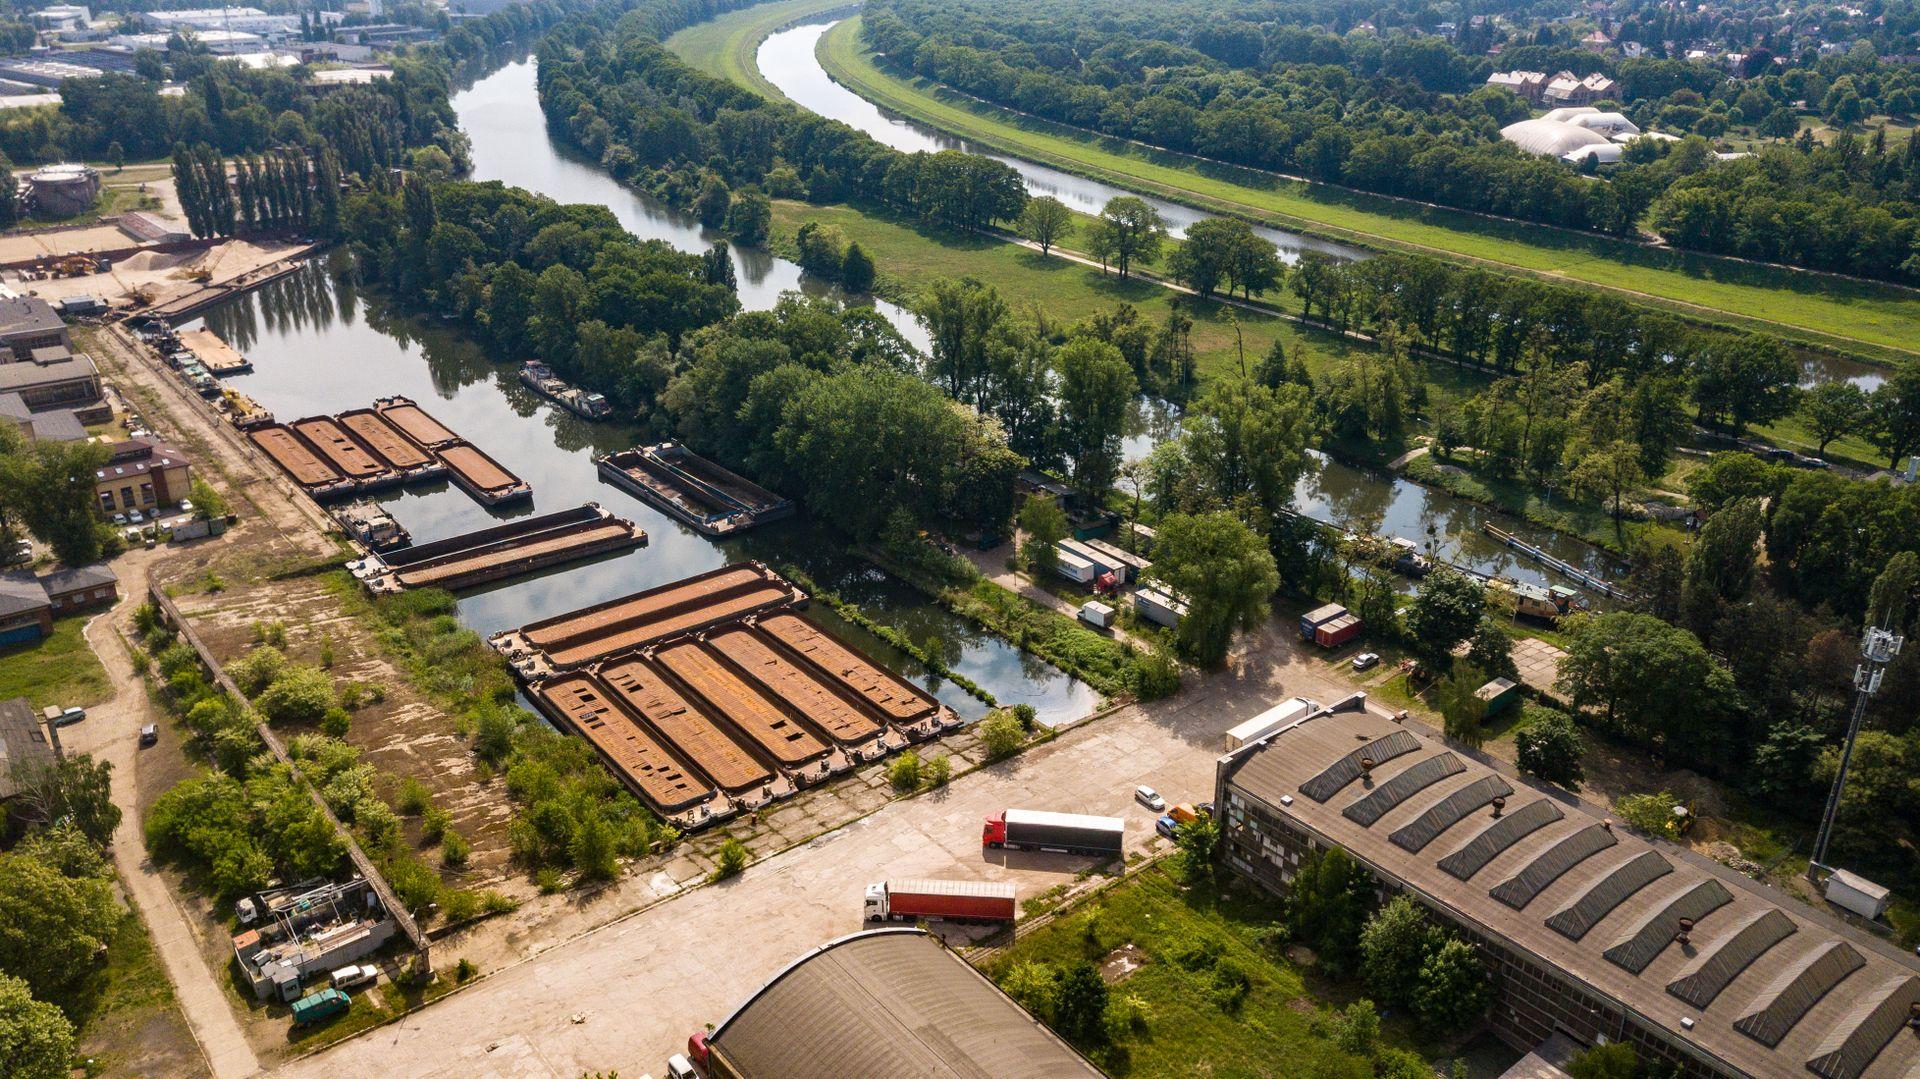 Wrocław: Wraca kwestia zabudowy dawnej stoczni. Miał tam stanąć wieżowiec